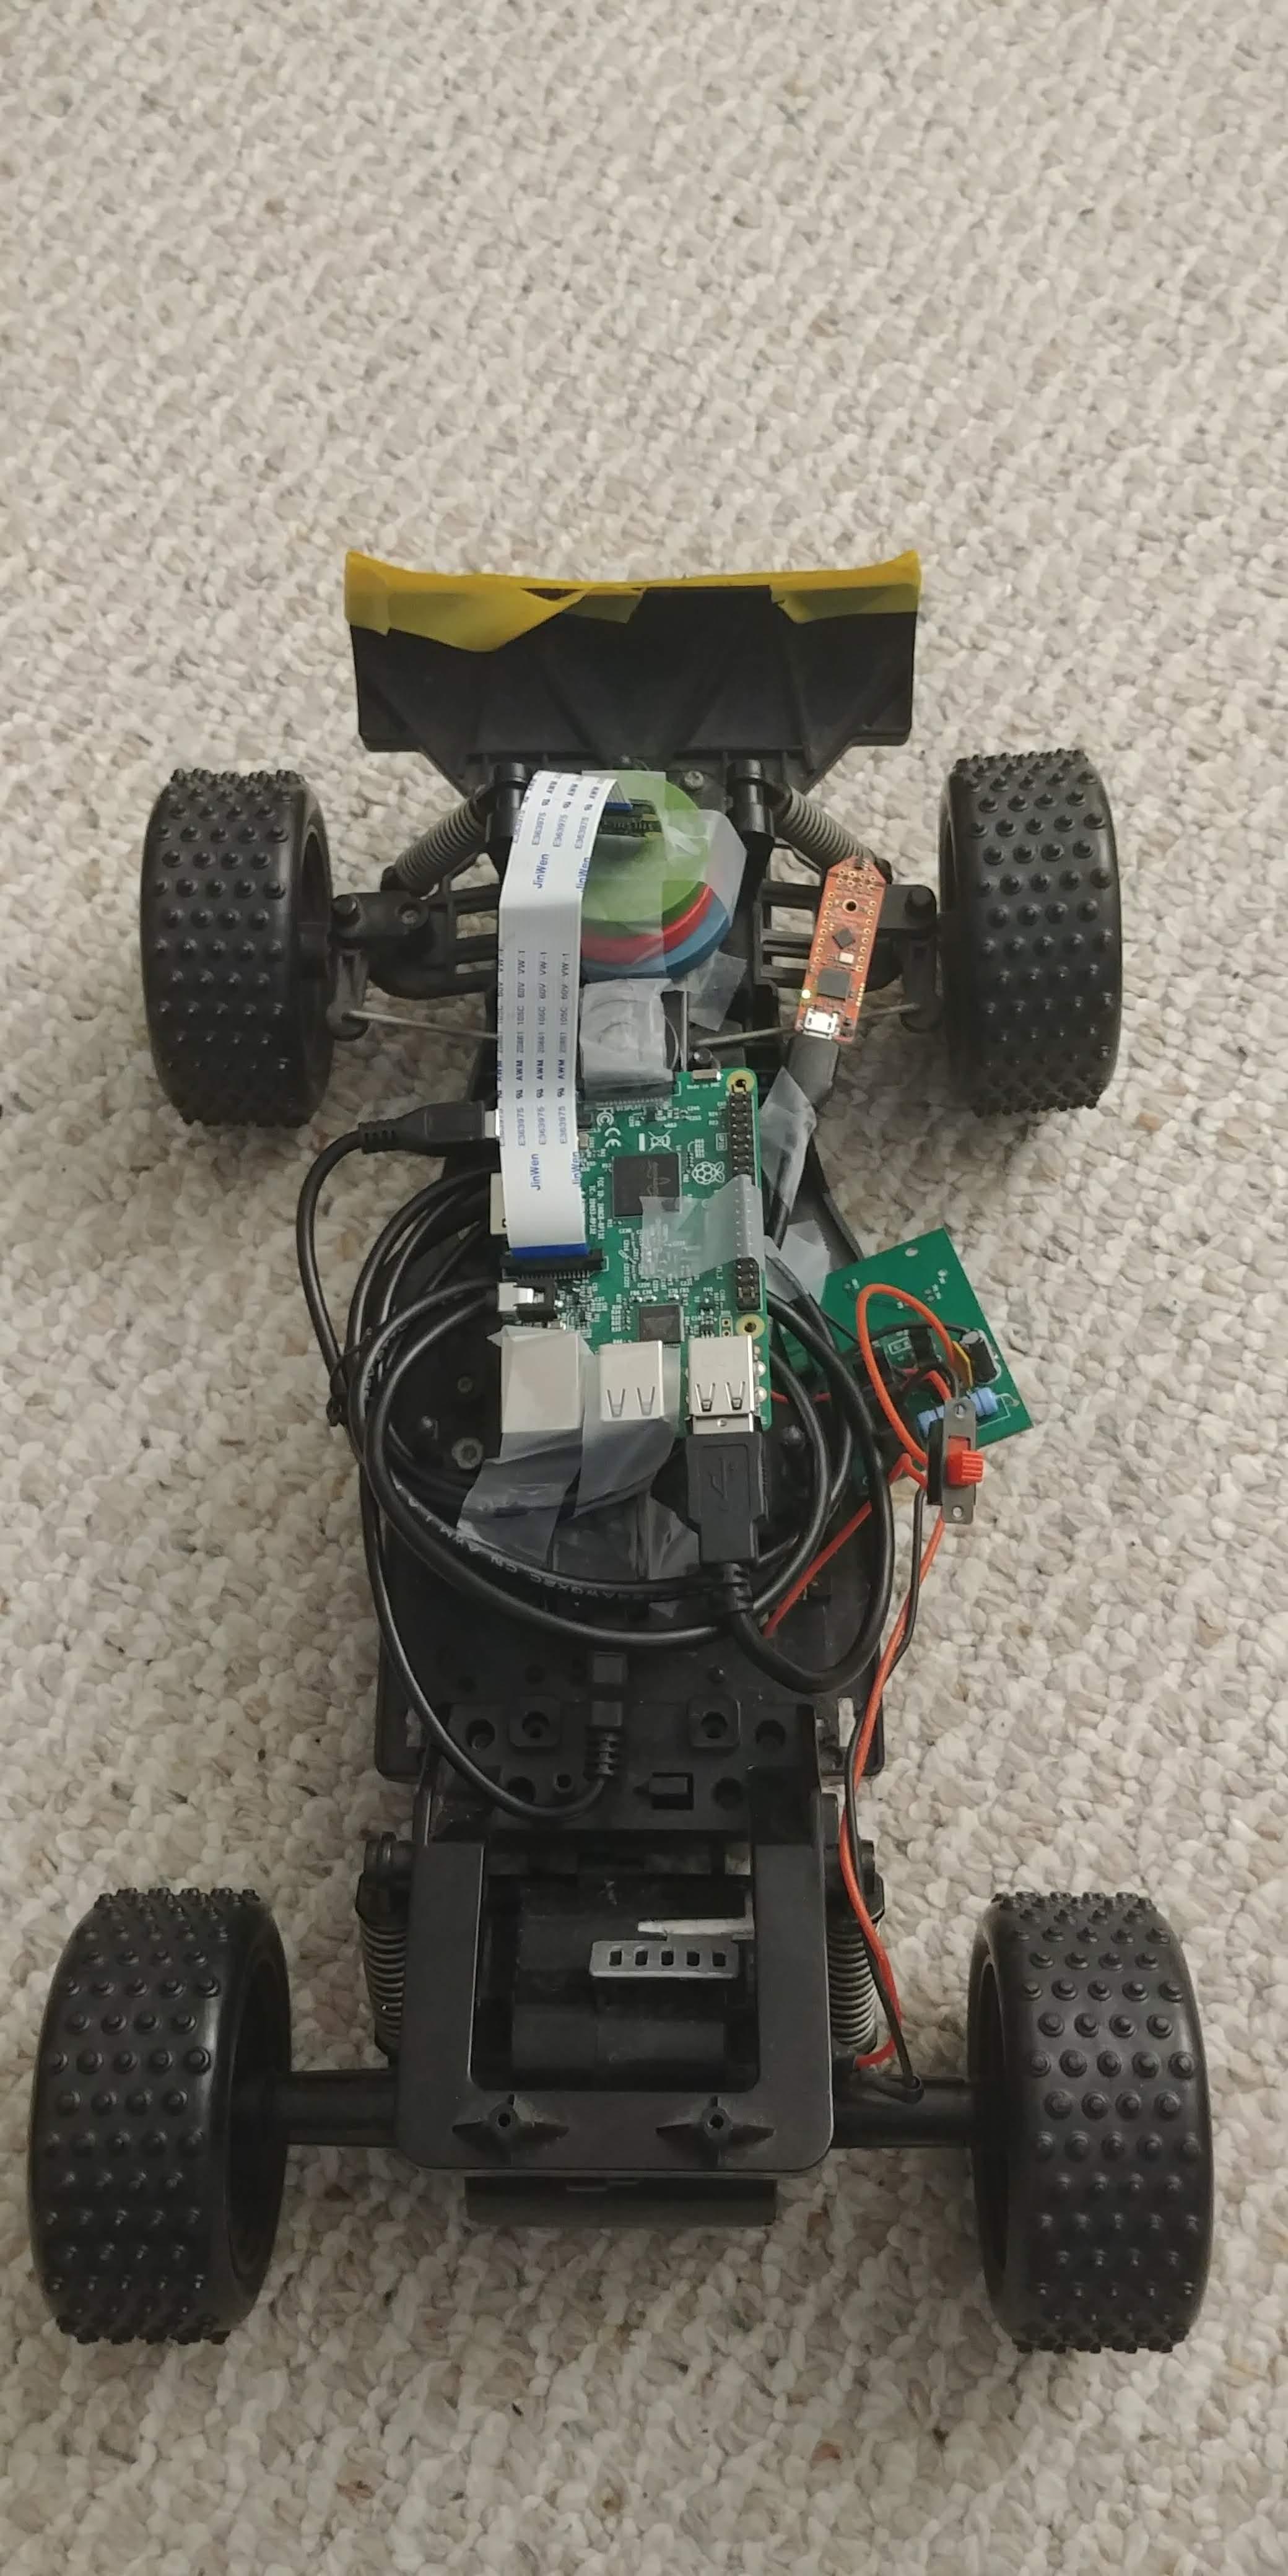 Car + Pi + Camera + Infineon sensor